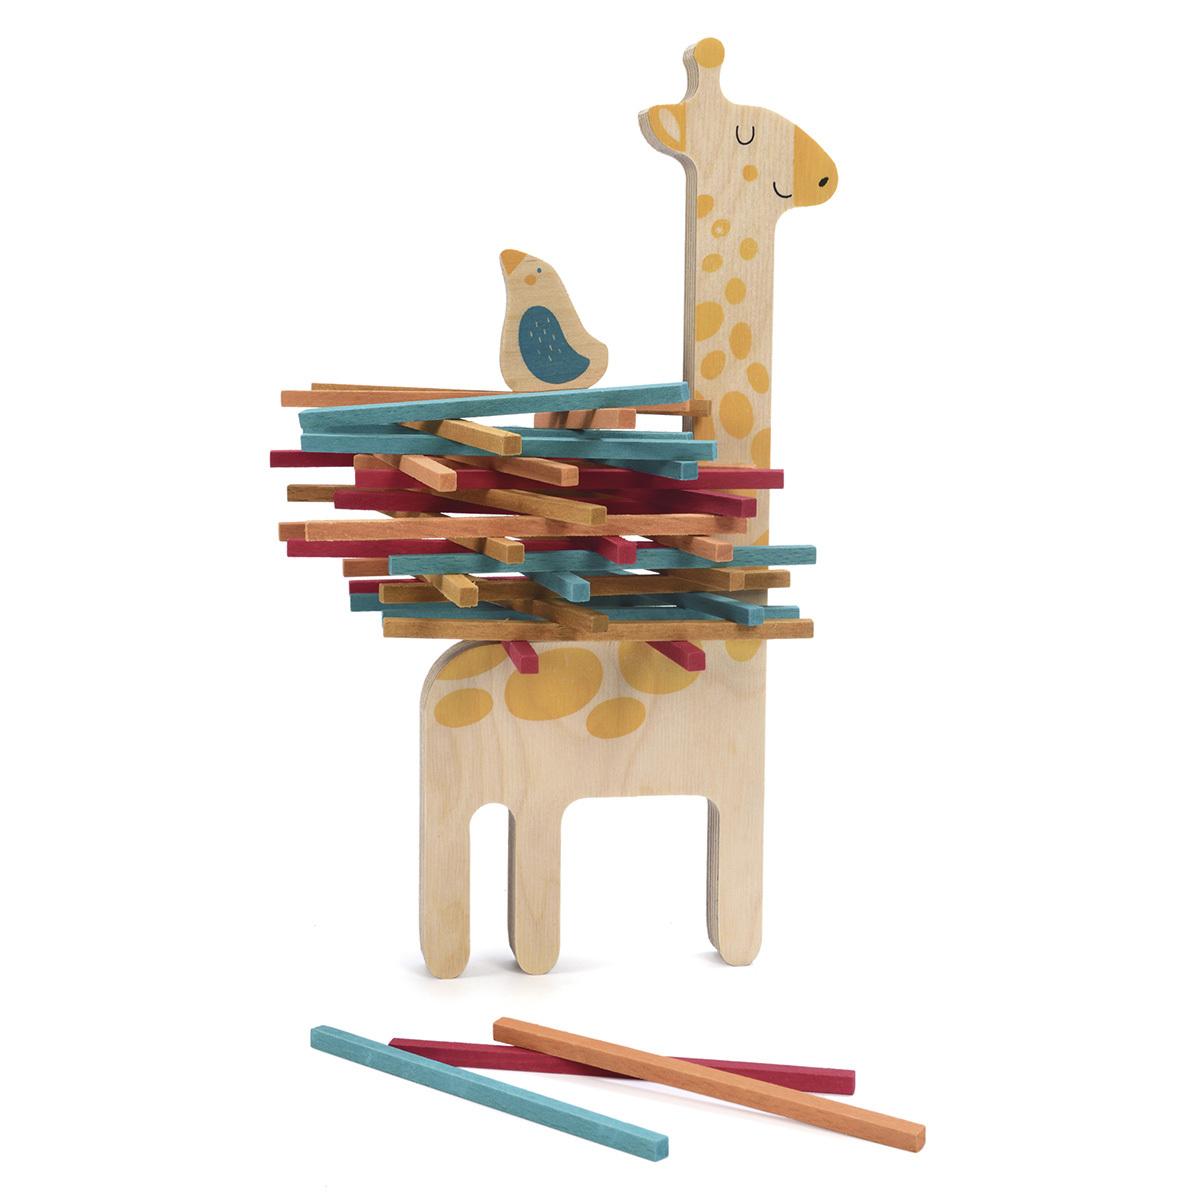 Mes premiers jouets Jeu d'Equilibre Matilda et ses Amis Jeu d'Equilibre Matilda et ses Amis